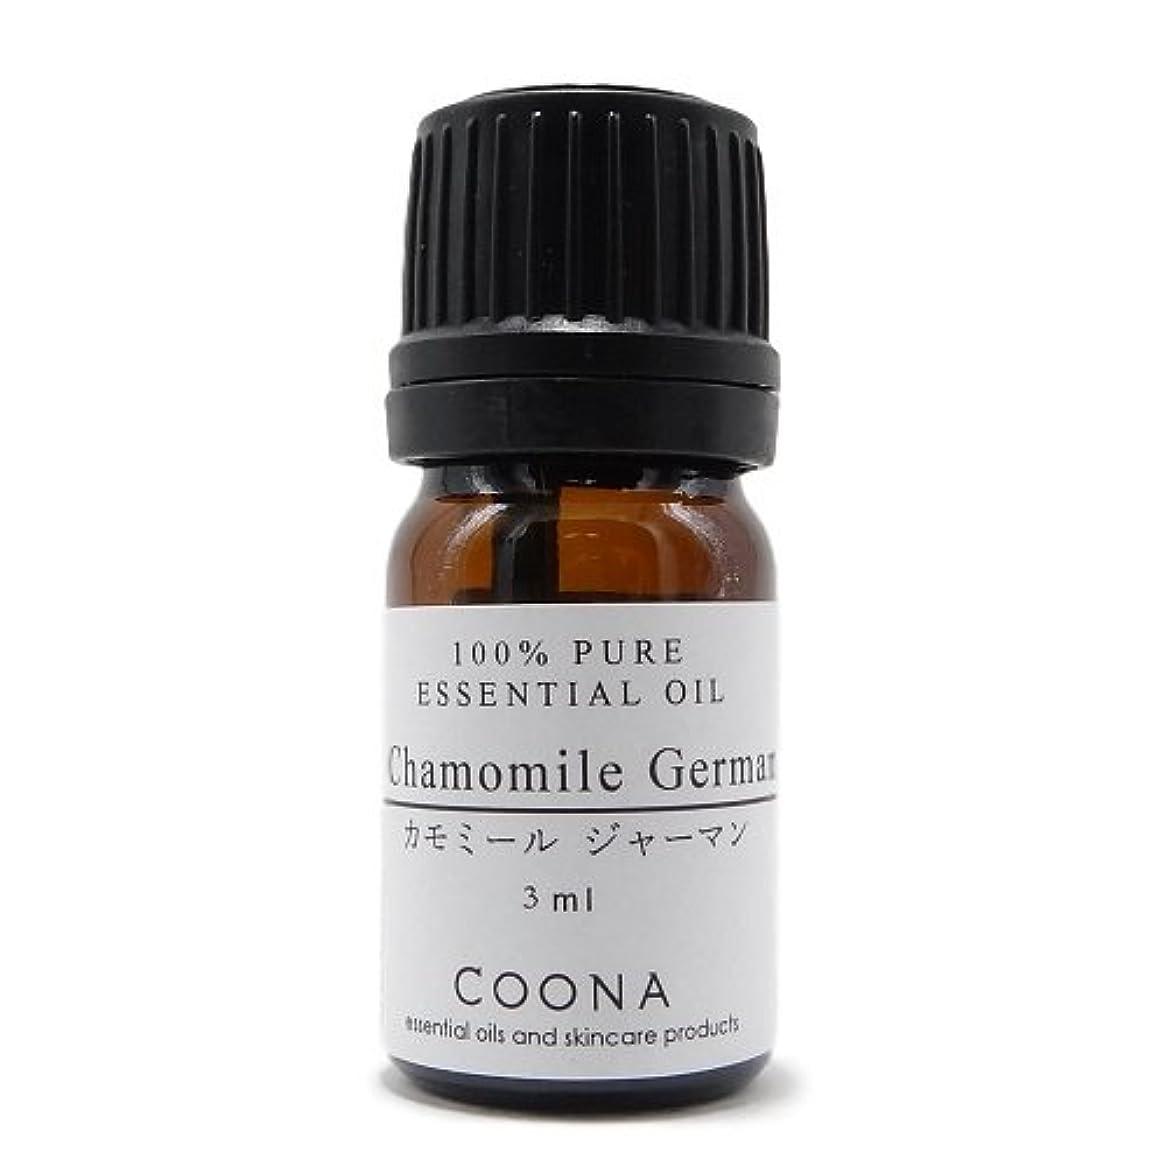 代替思慮のないノートカモミール ジャーマン 3 ml (COONA エッセンシャルオイル アロマオイル 100% 天然植物精油)